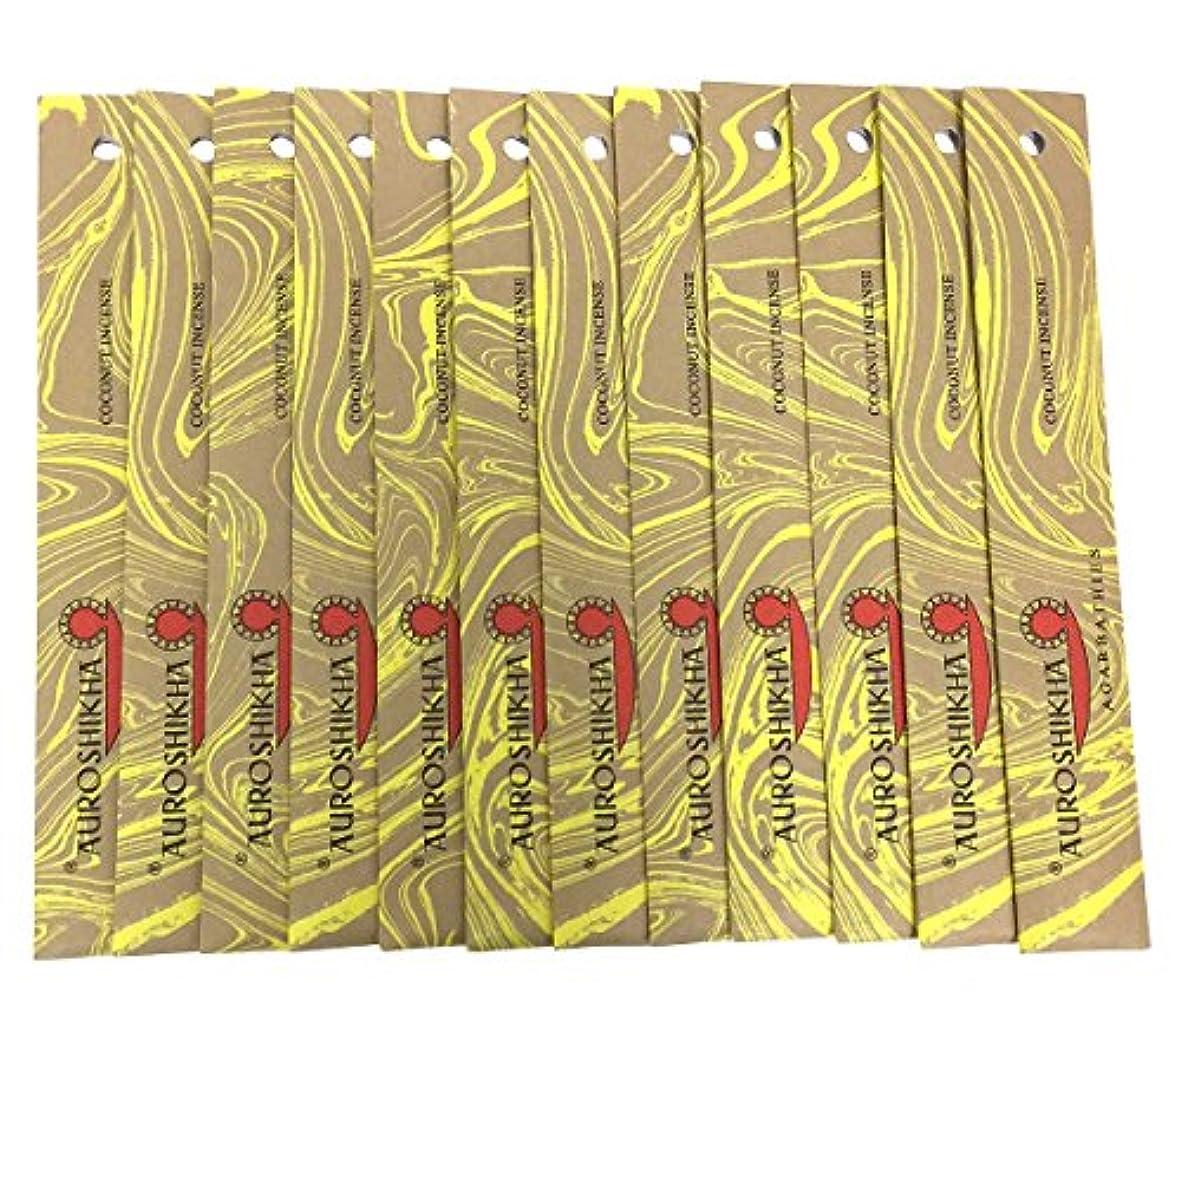 寛容前提味わうAUROSHIKHA オウロシカ(COCONUTココナッツ12個セット) マーブルパッケージスティック 送料無料